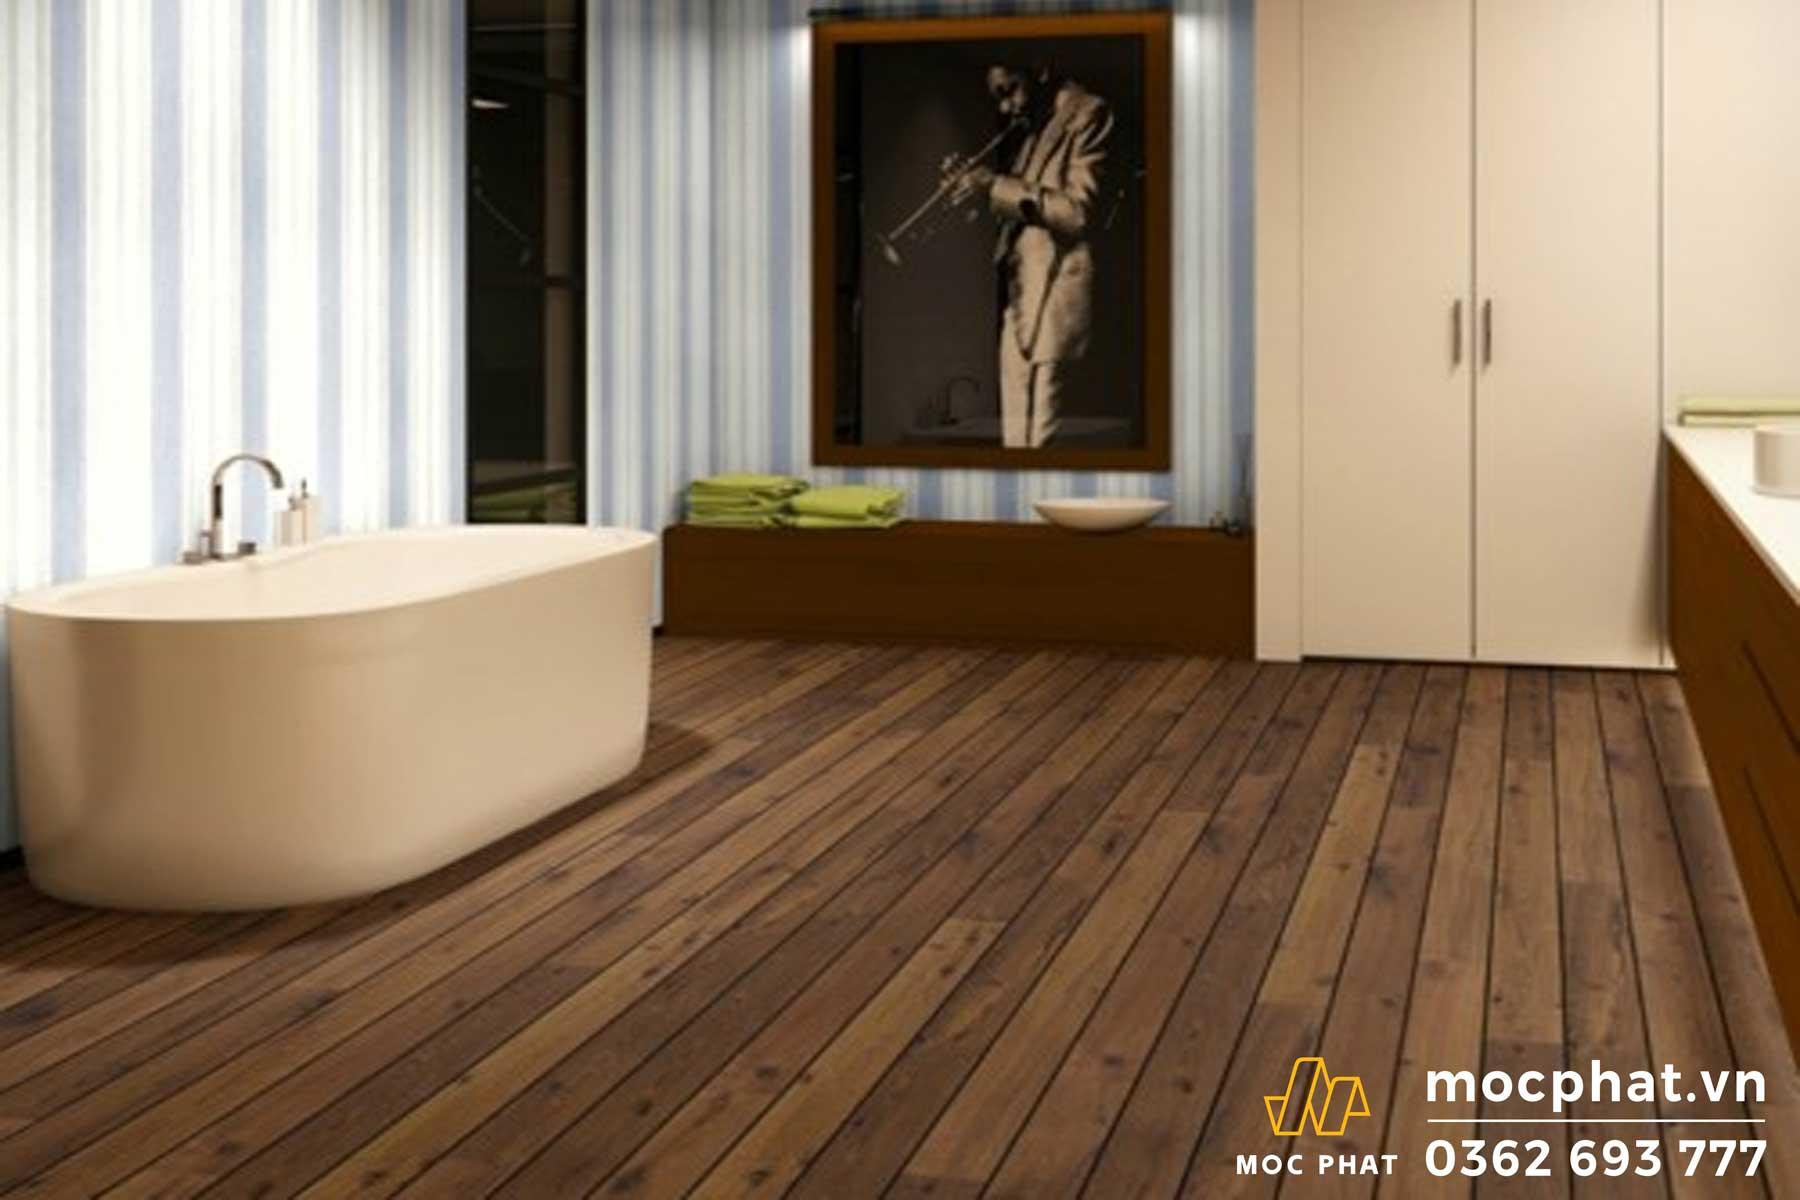 Mộc Phát- công ty đi đầu về lĩnh vực thi công, lắp đặt sàn gỗ